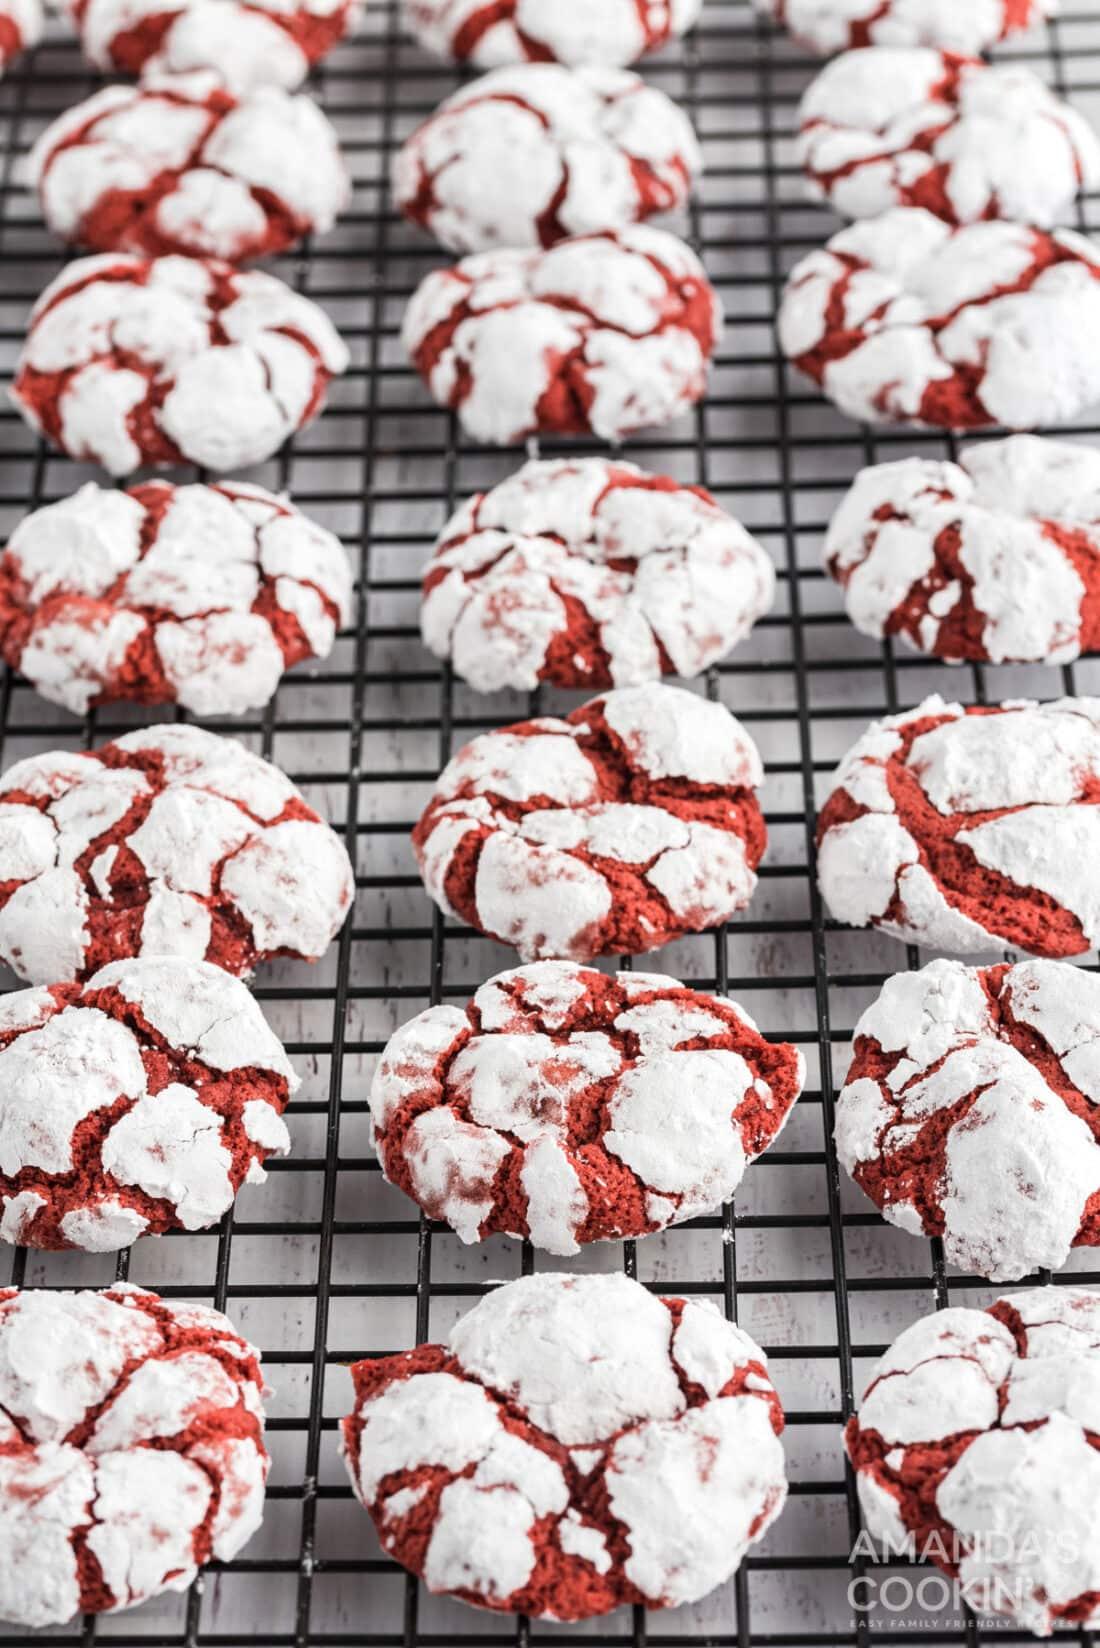 wire rack of red velvet crinkle cookies